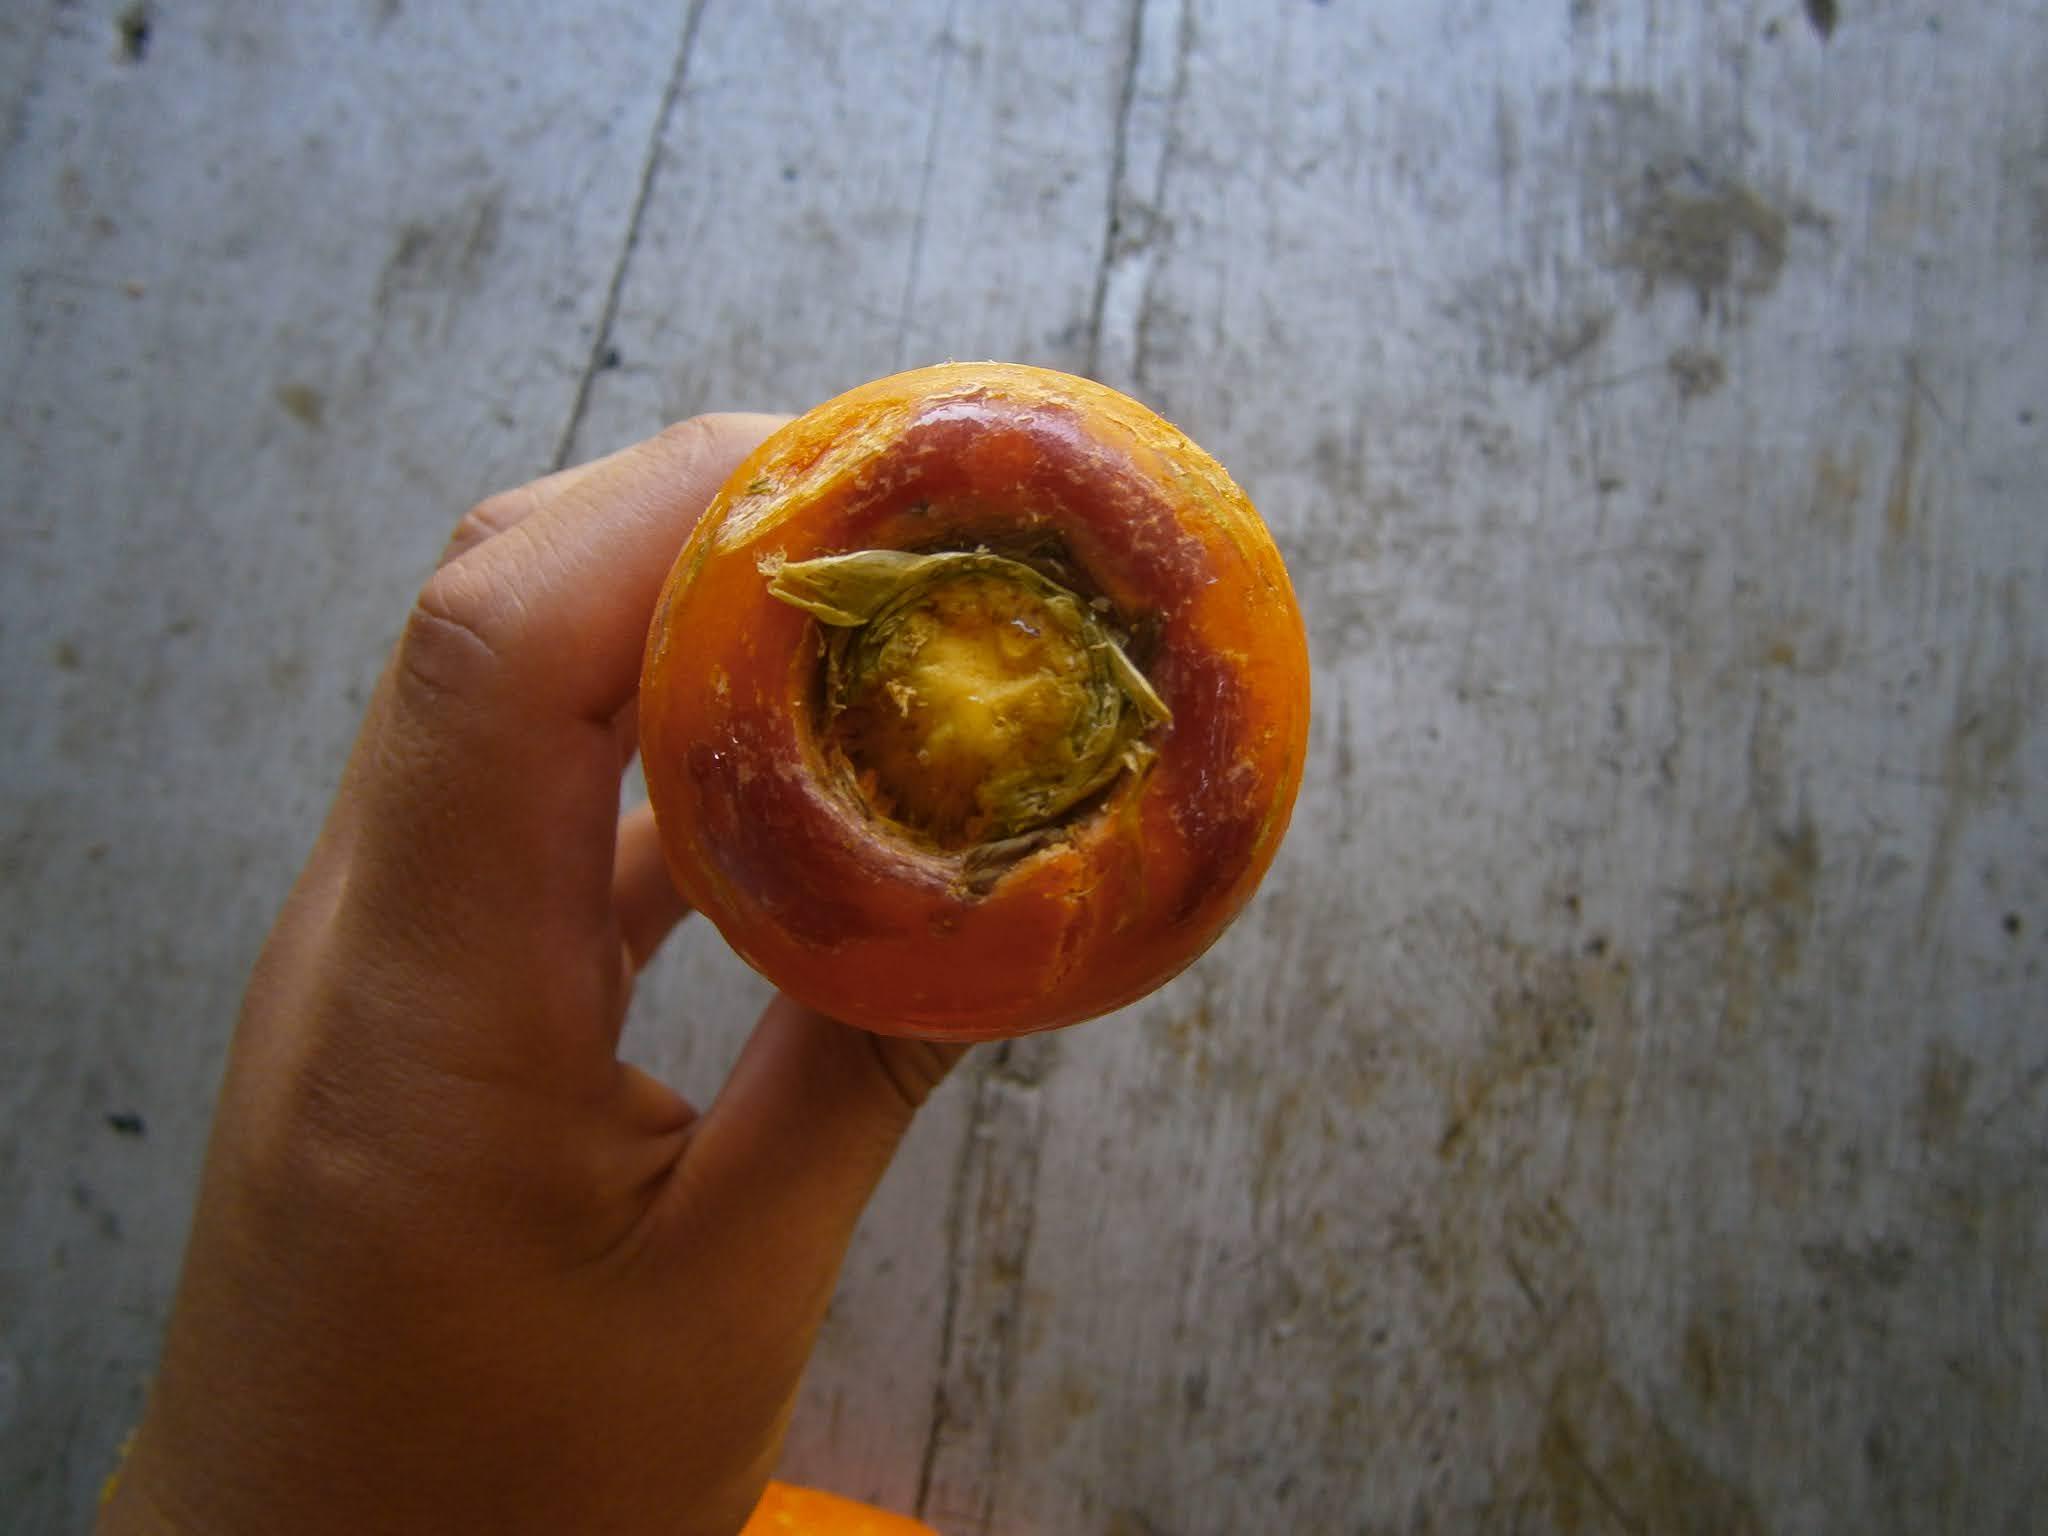 Zanahoria sostenida sobre la mano de una persona joven